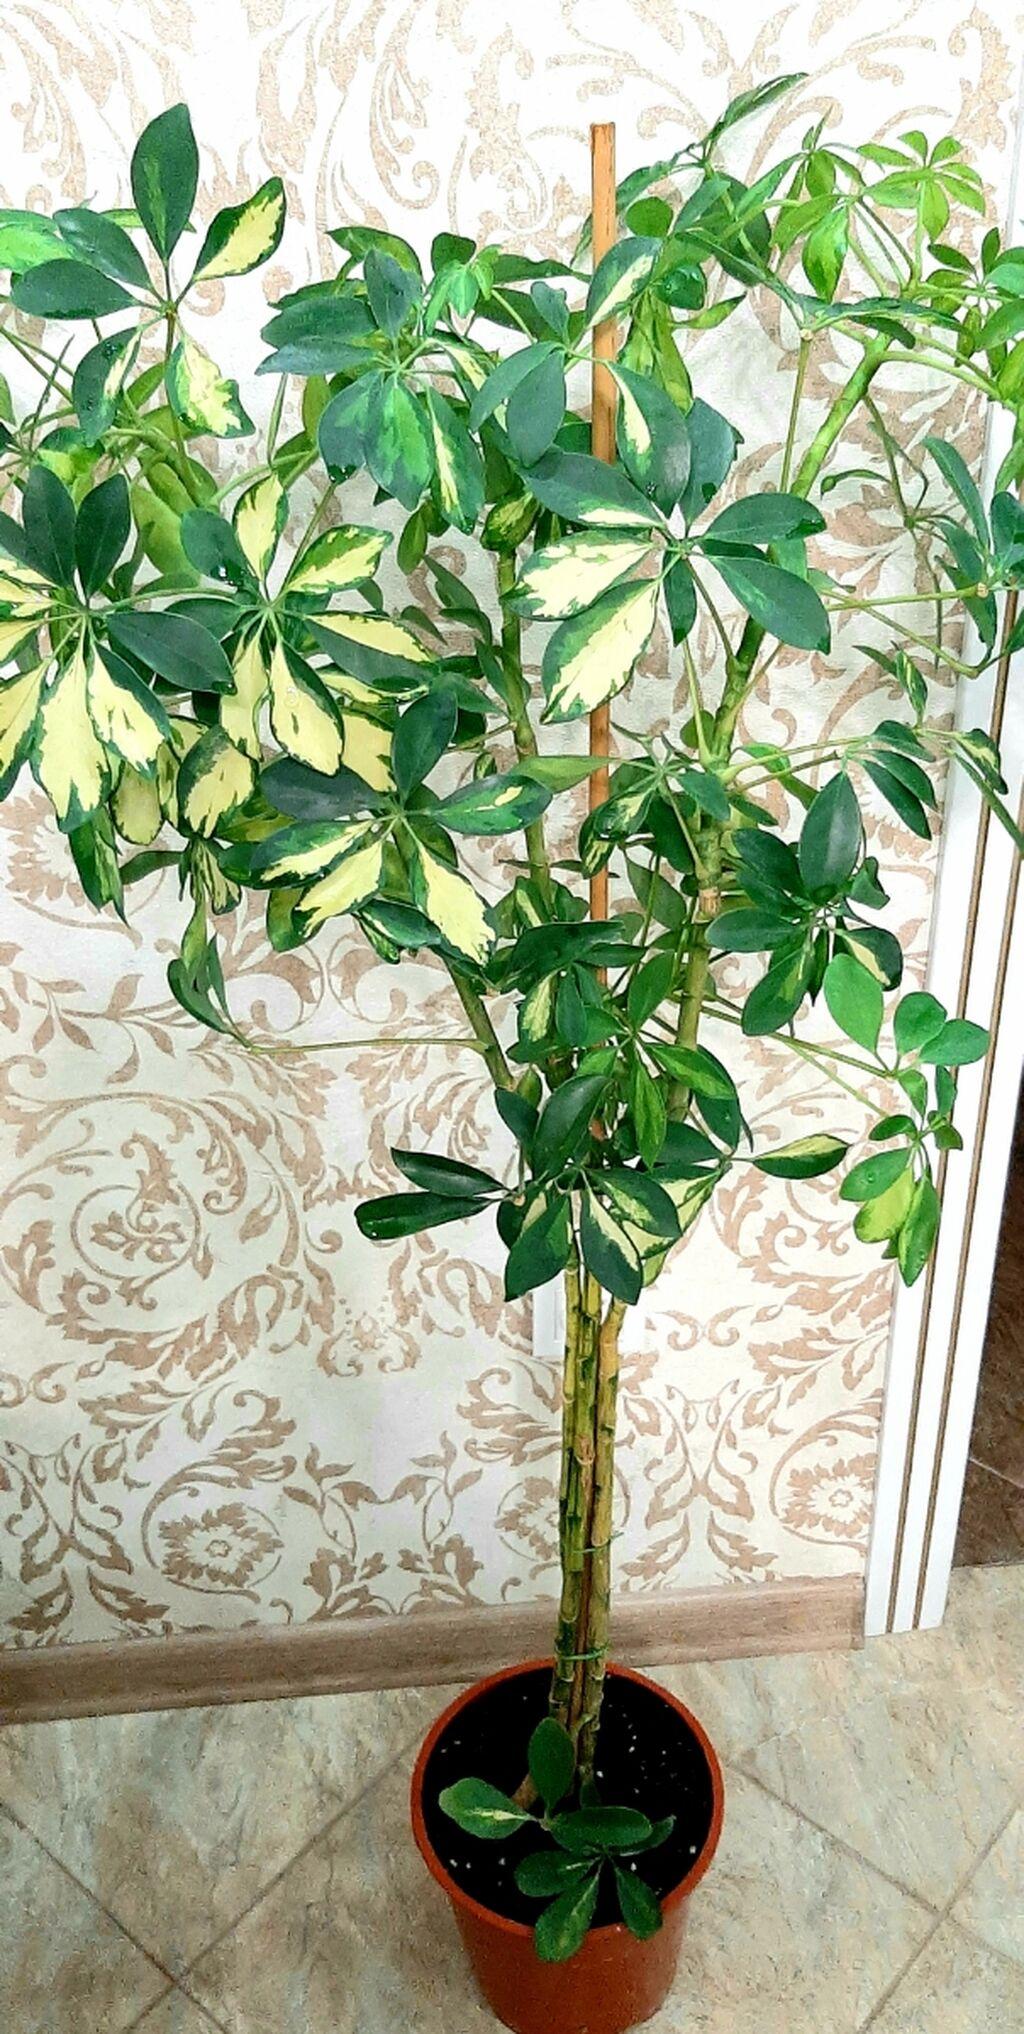 Красивые интерьерные растения для дома, квартиры, особняка, офиса